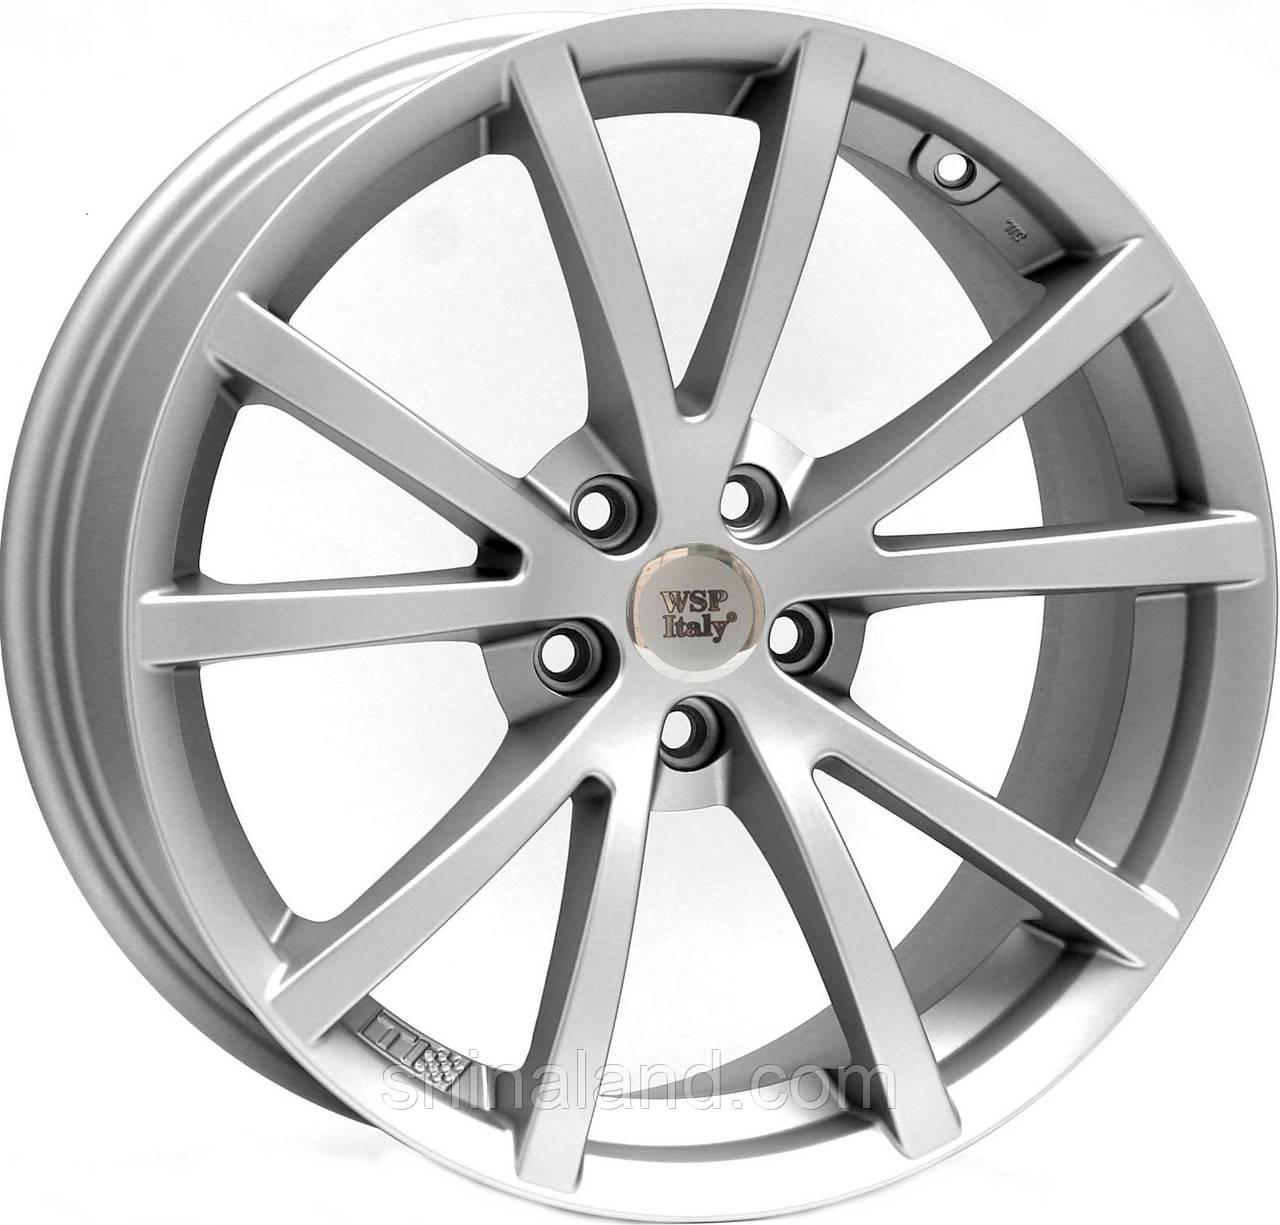 Диски WSP Italy Alfa Romeo W234 Nocera 7x17 5x98 ET40.5 dia58,1 (S)